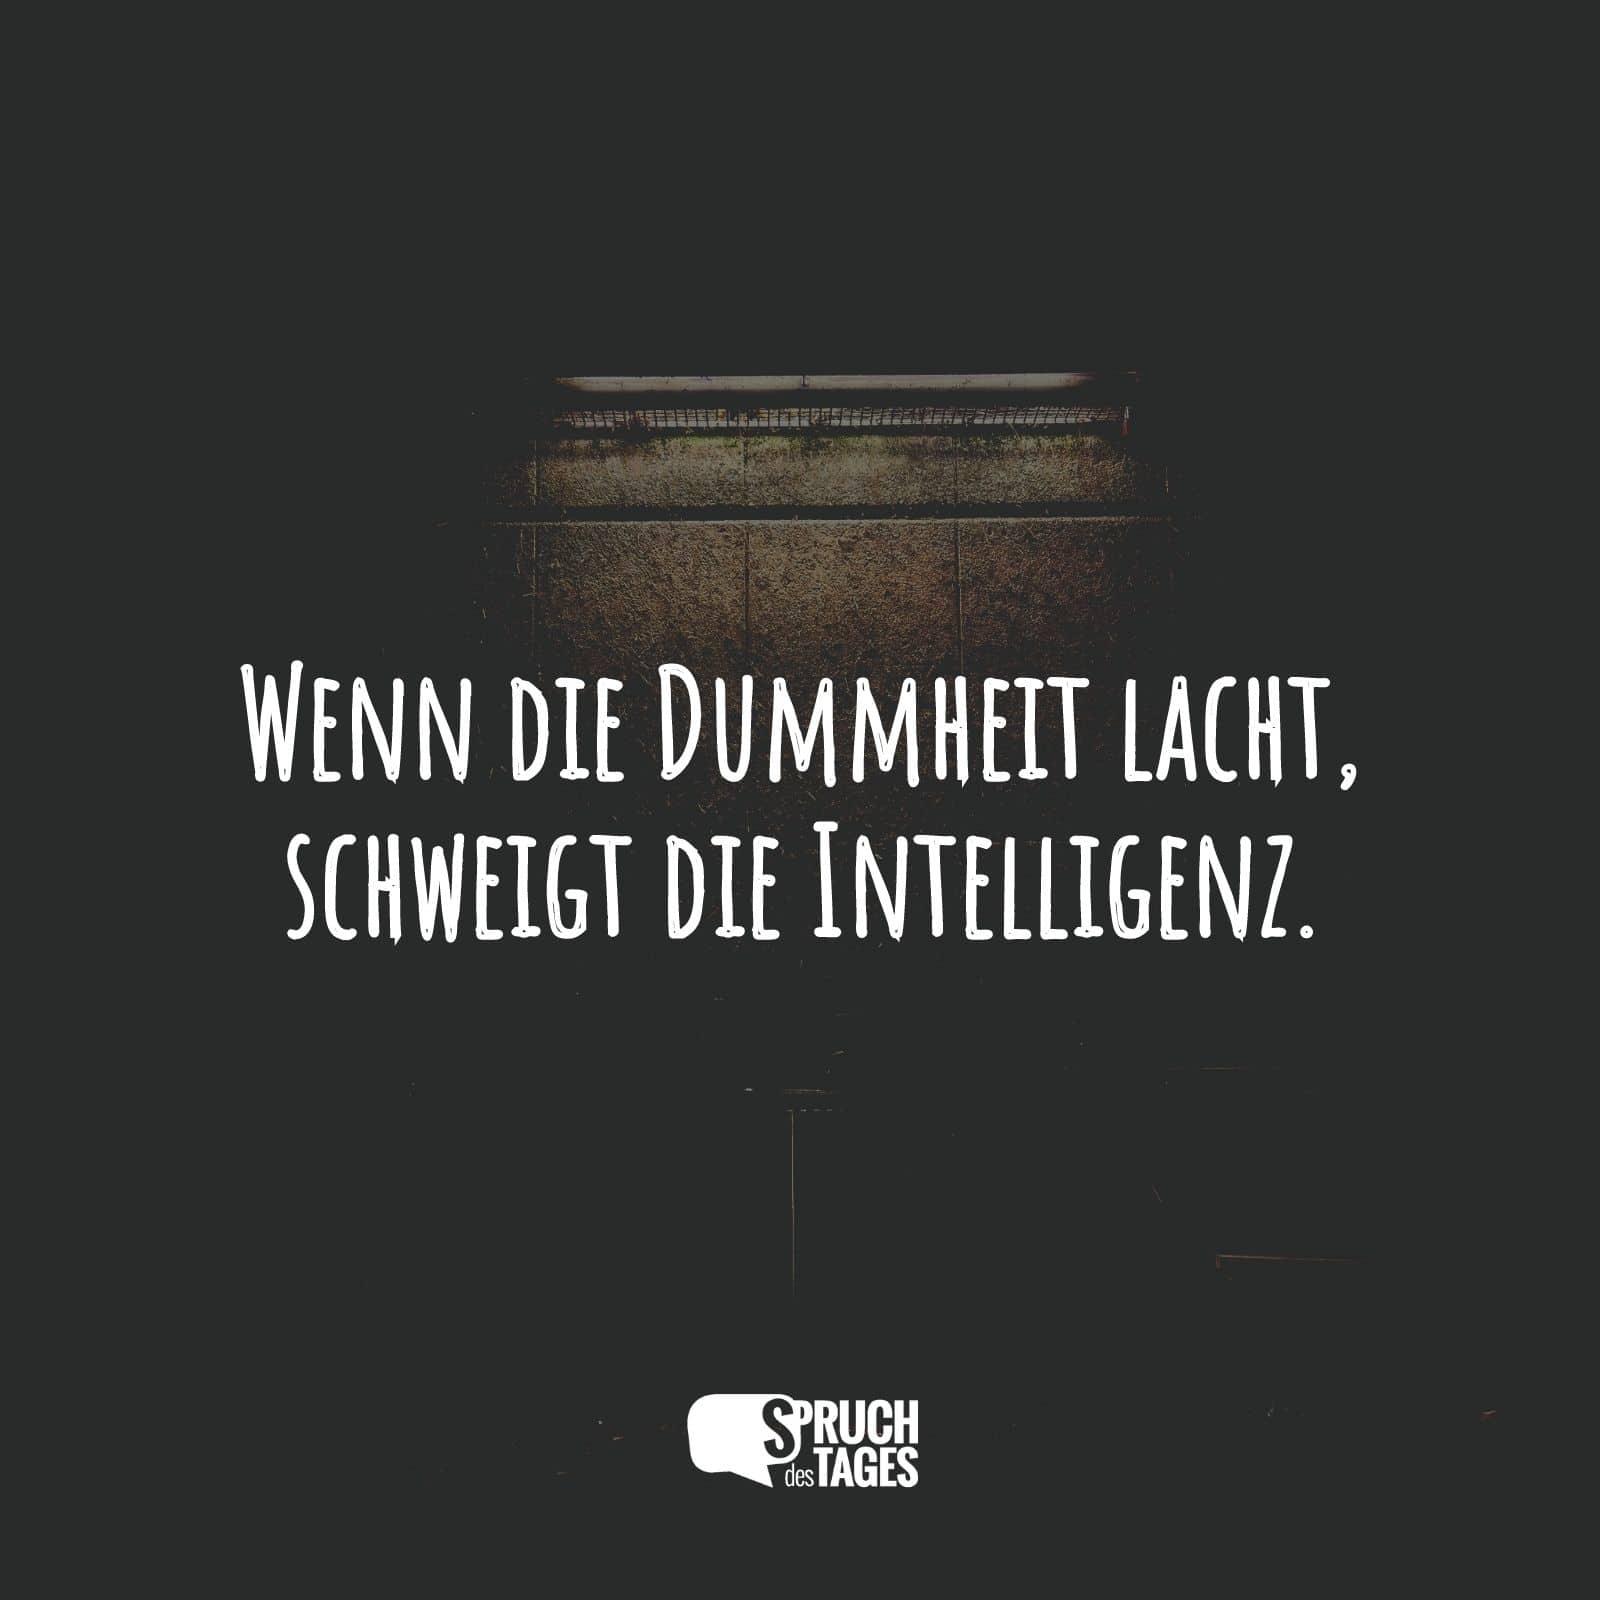 dummheit sprüche Wenn die Dummheit lacht, schweigt die Intelligenz. dummheit sprüche